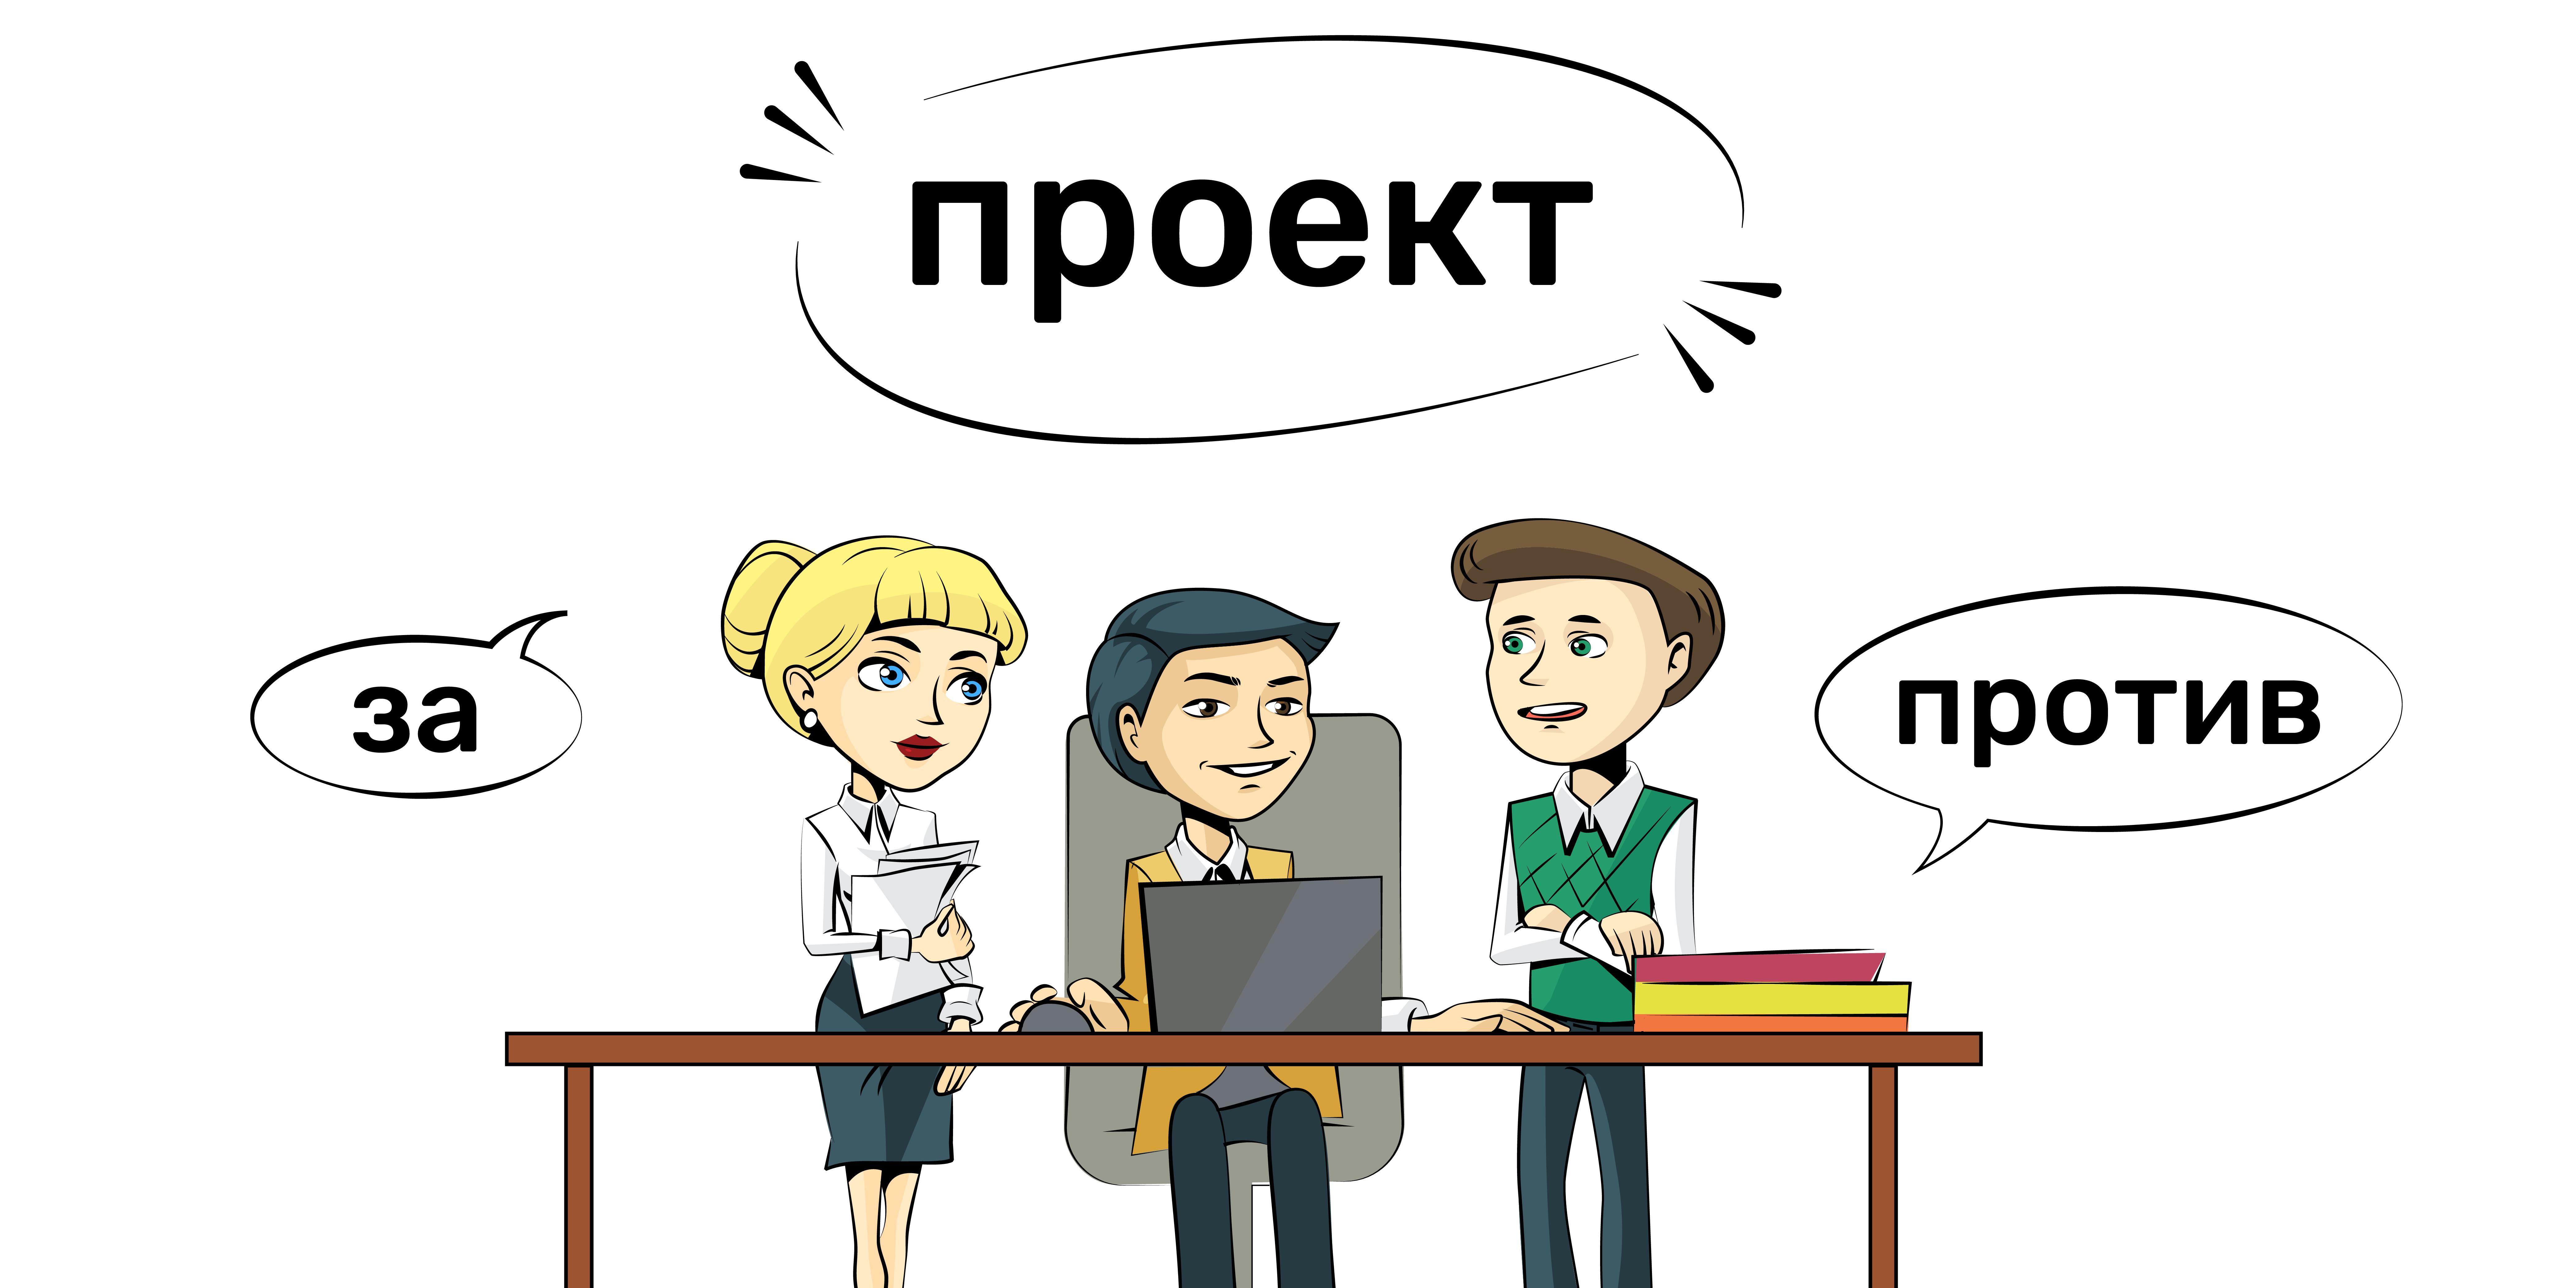 ПРОЕКТ изменений в Правилах ведения бухгалтерского учета